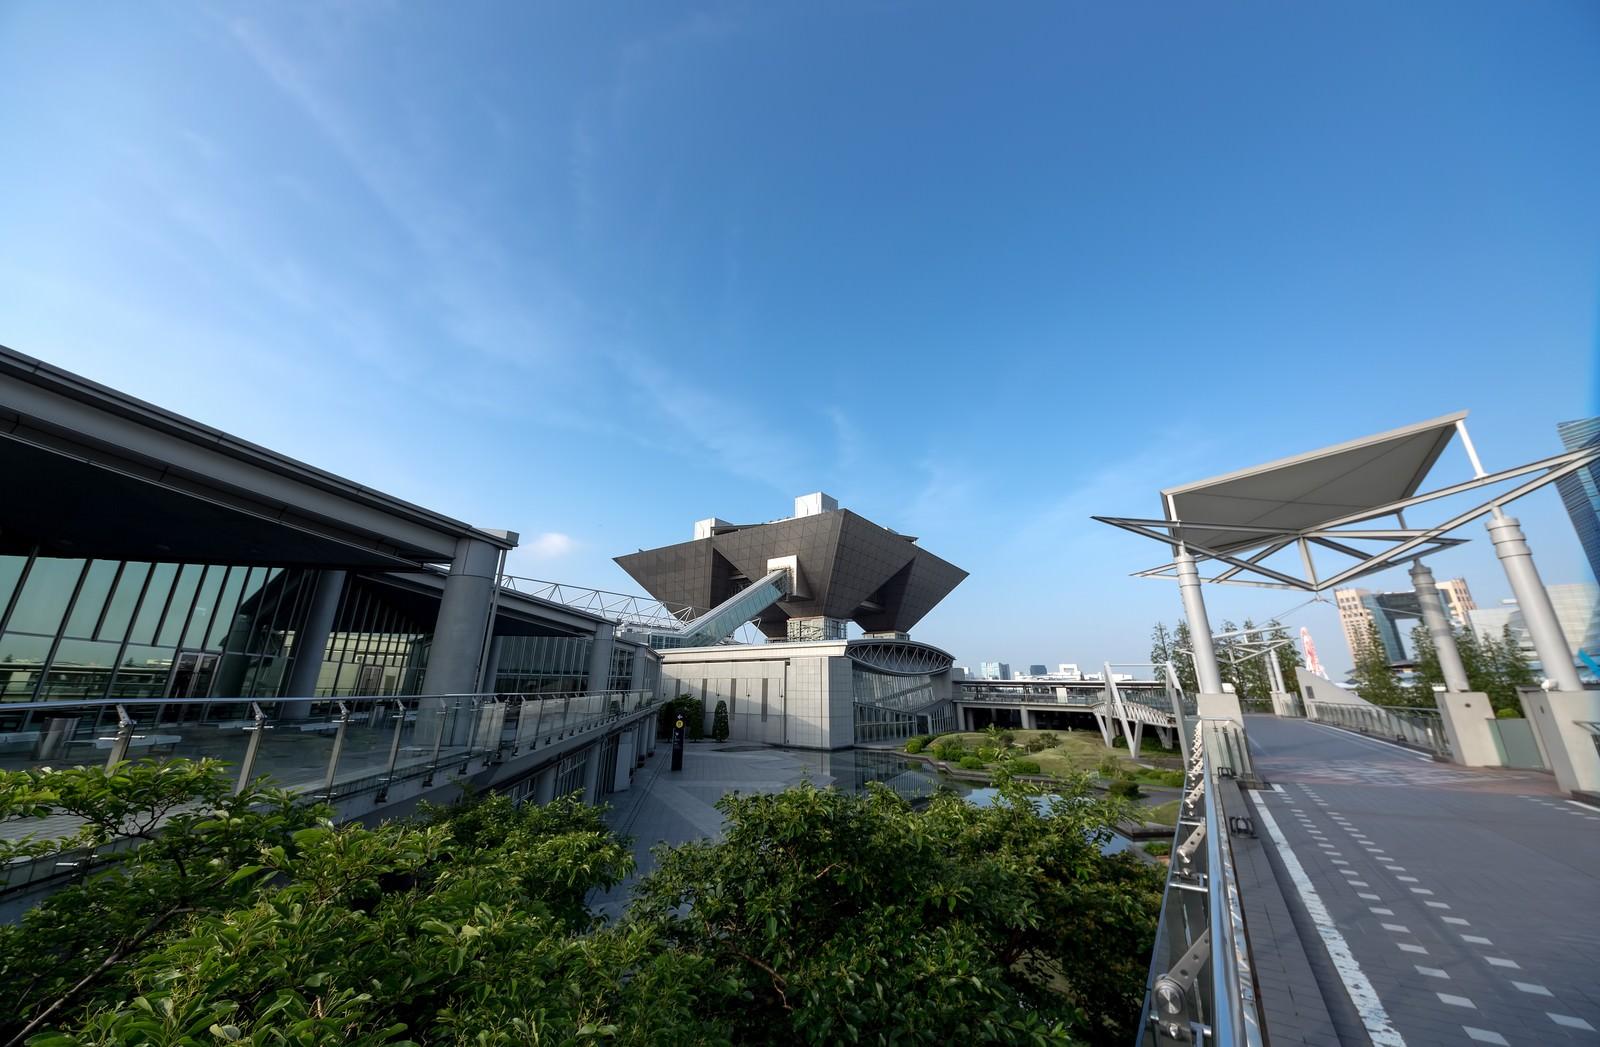 「東京ビッグサイトと青空東京ビッグサイトと青空」のフリー写真素材を拡大